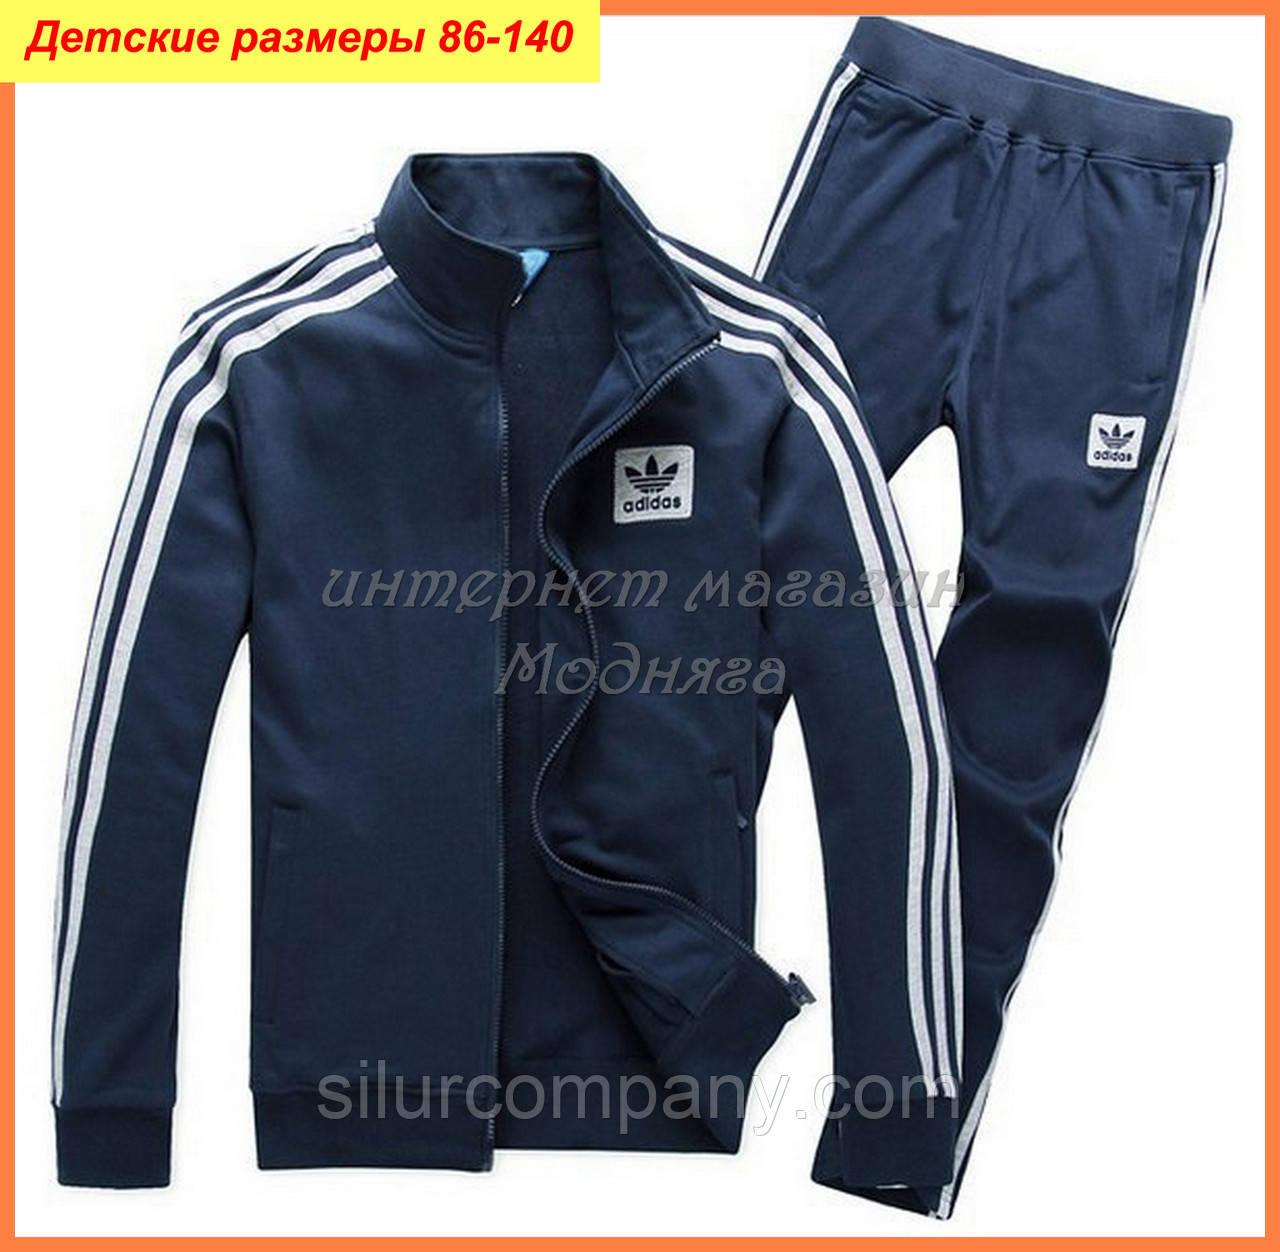 Детская одежда для спорта Adidas  продажа, цена в Киеве, в Харькове.  спортивные костюмы детские от